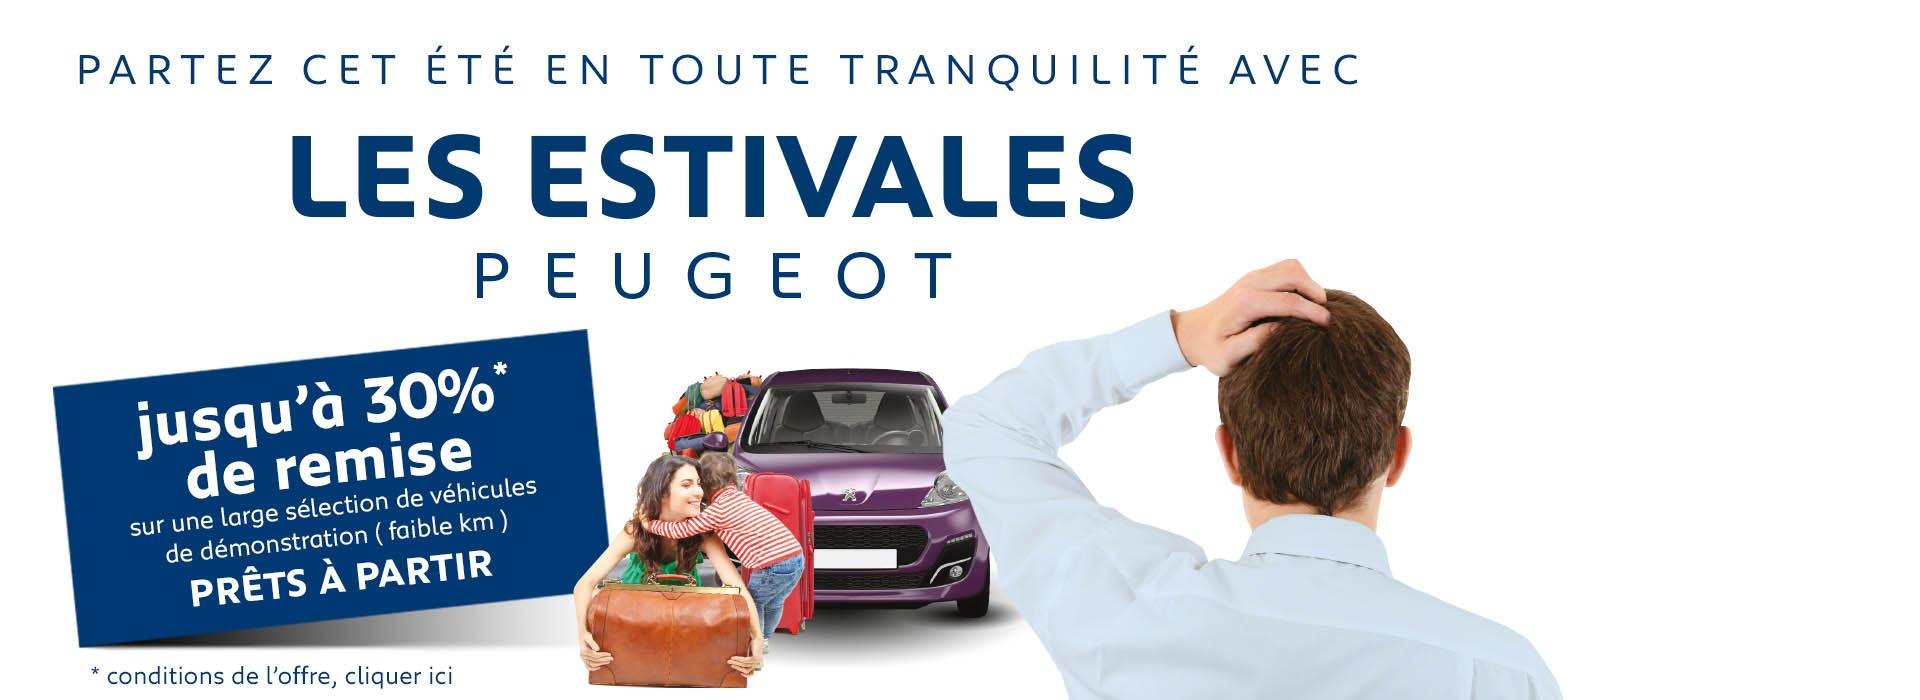 Prêts à partir Peugeot